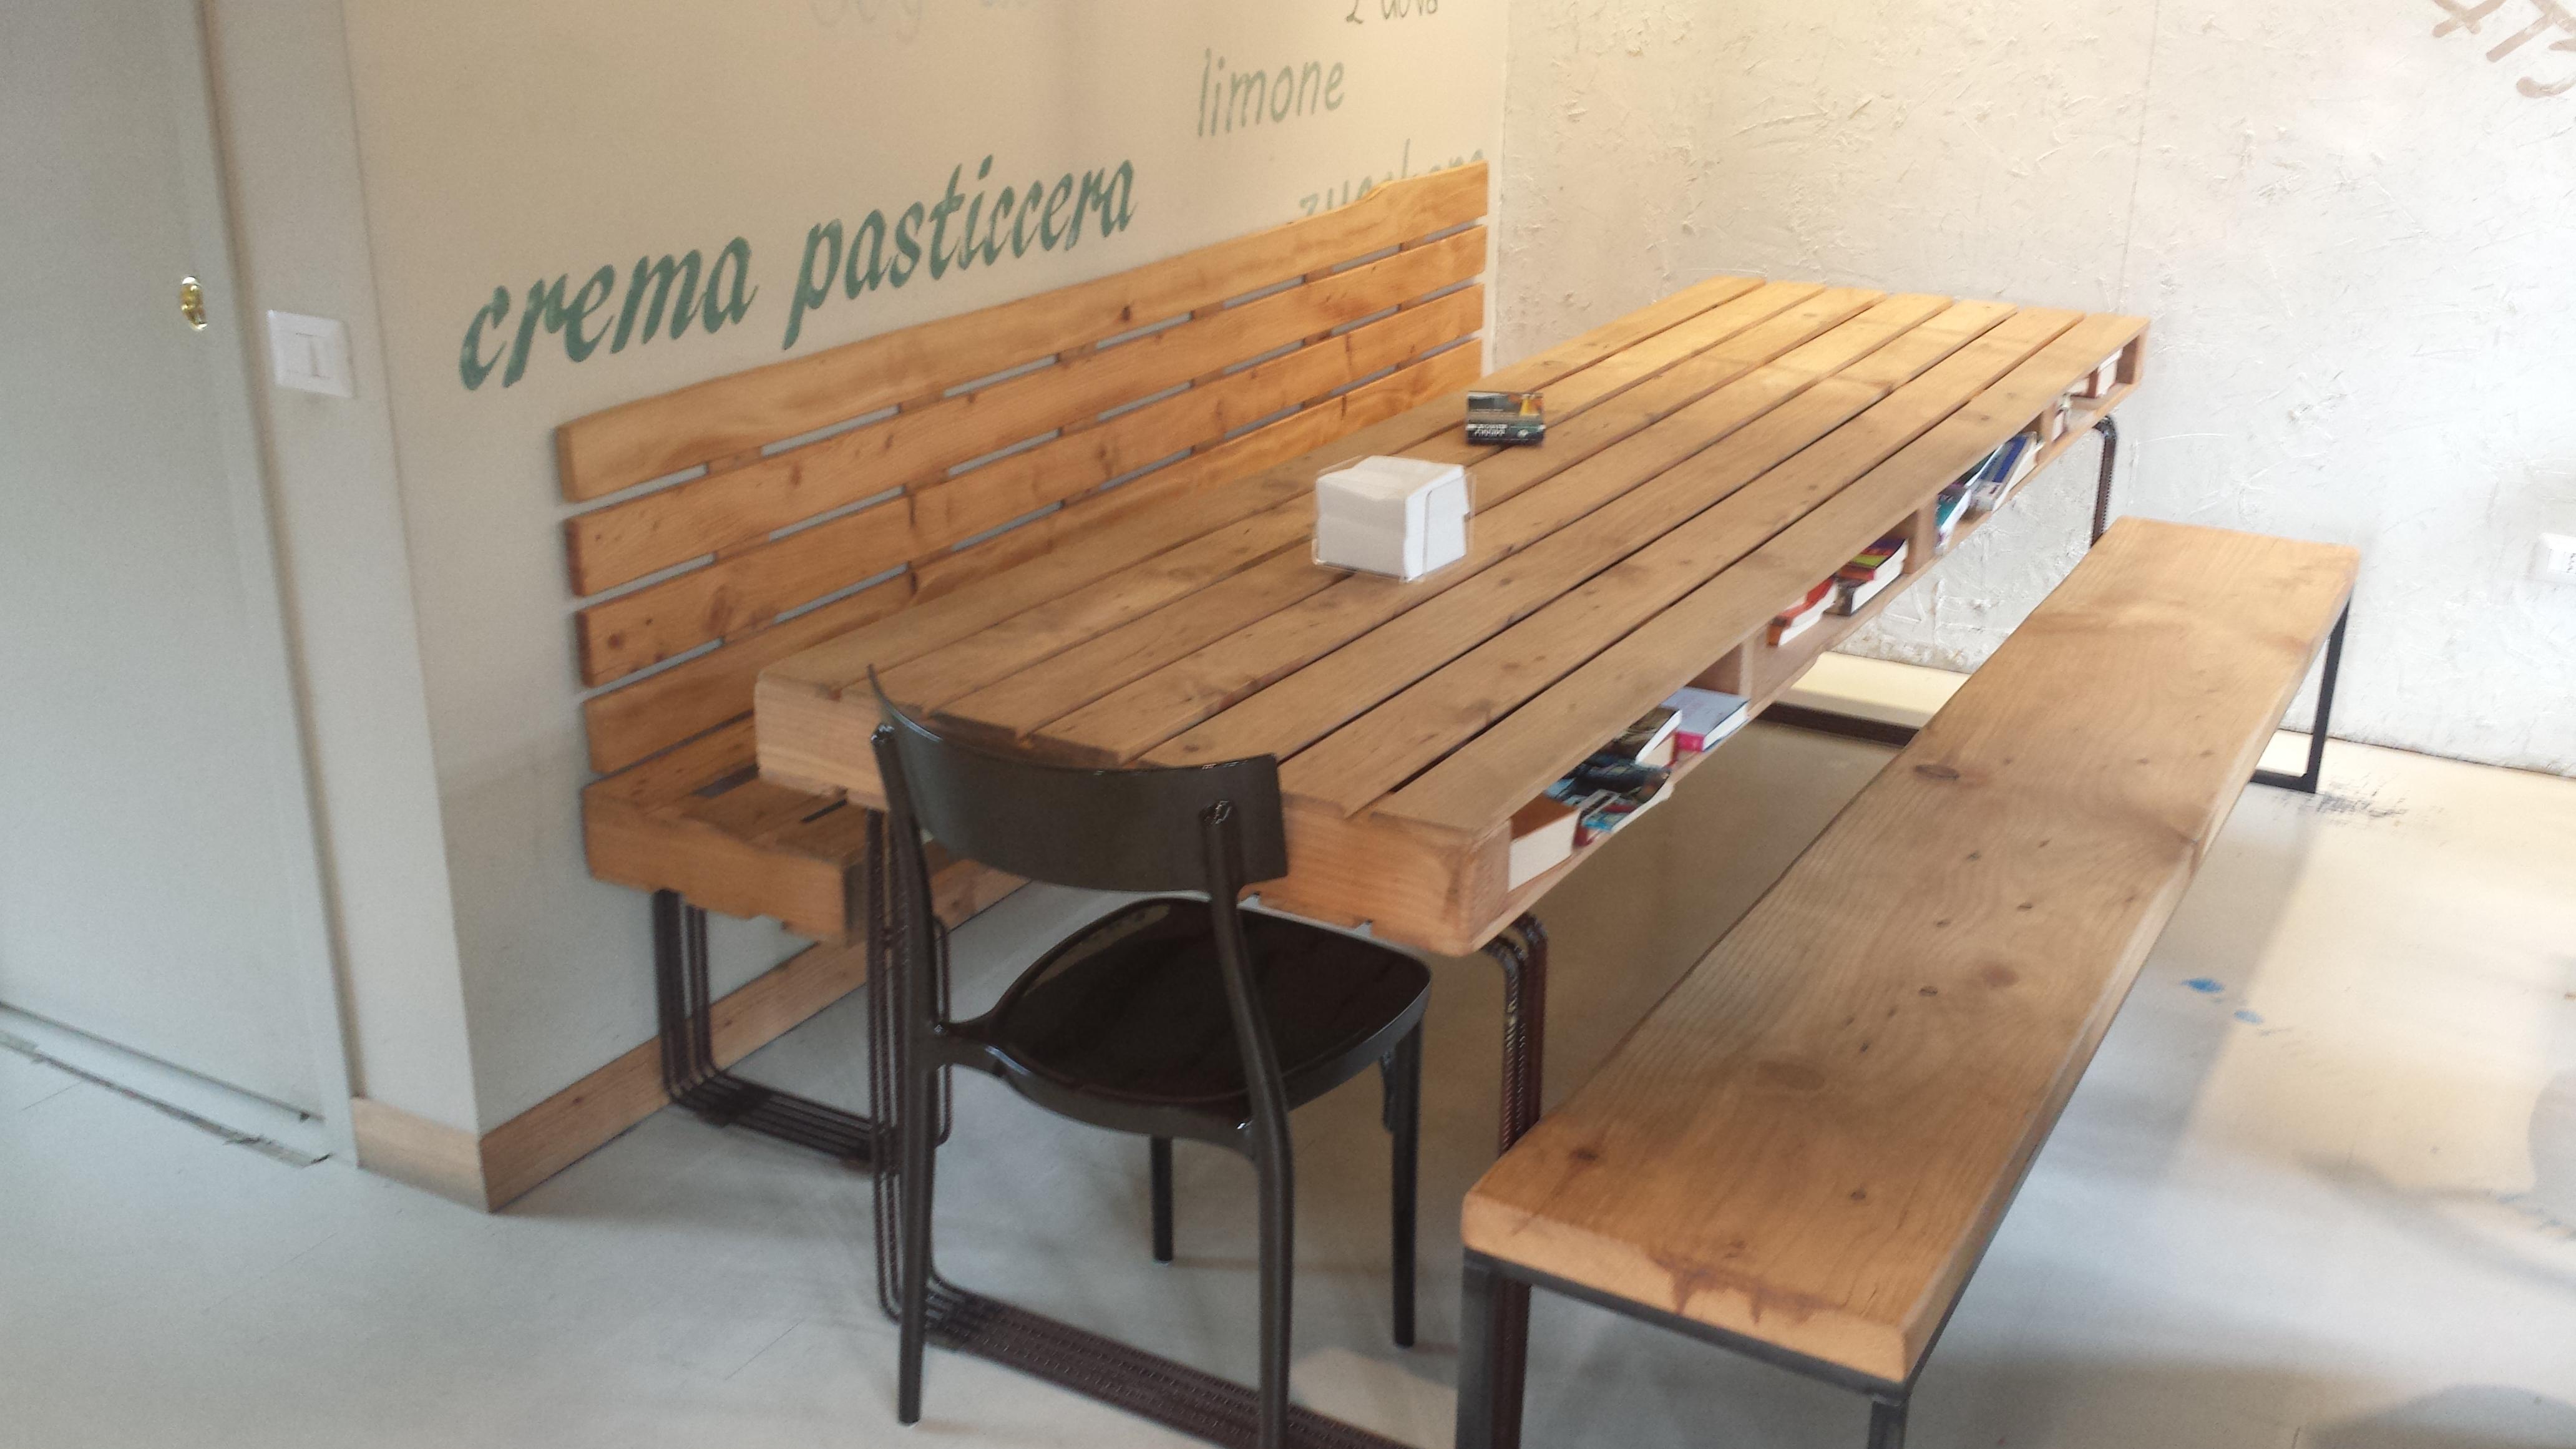 Tavoli con bancali di legno iz72 regardsdefemmes for Lavori con bancali